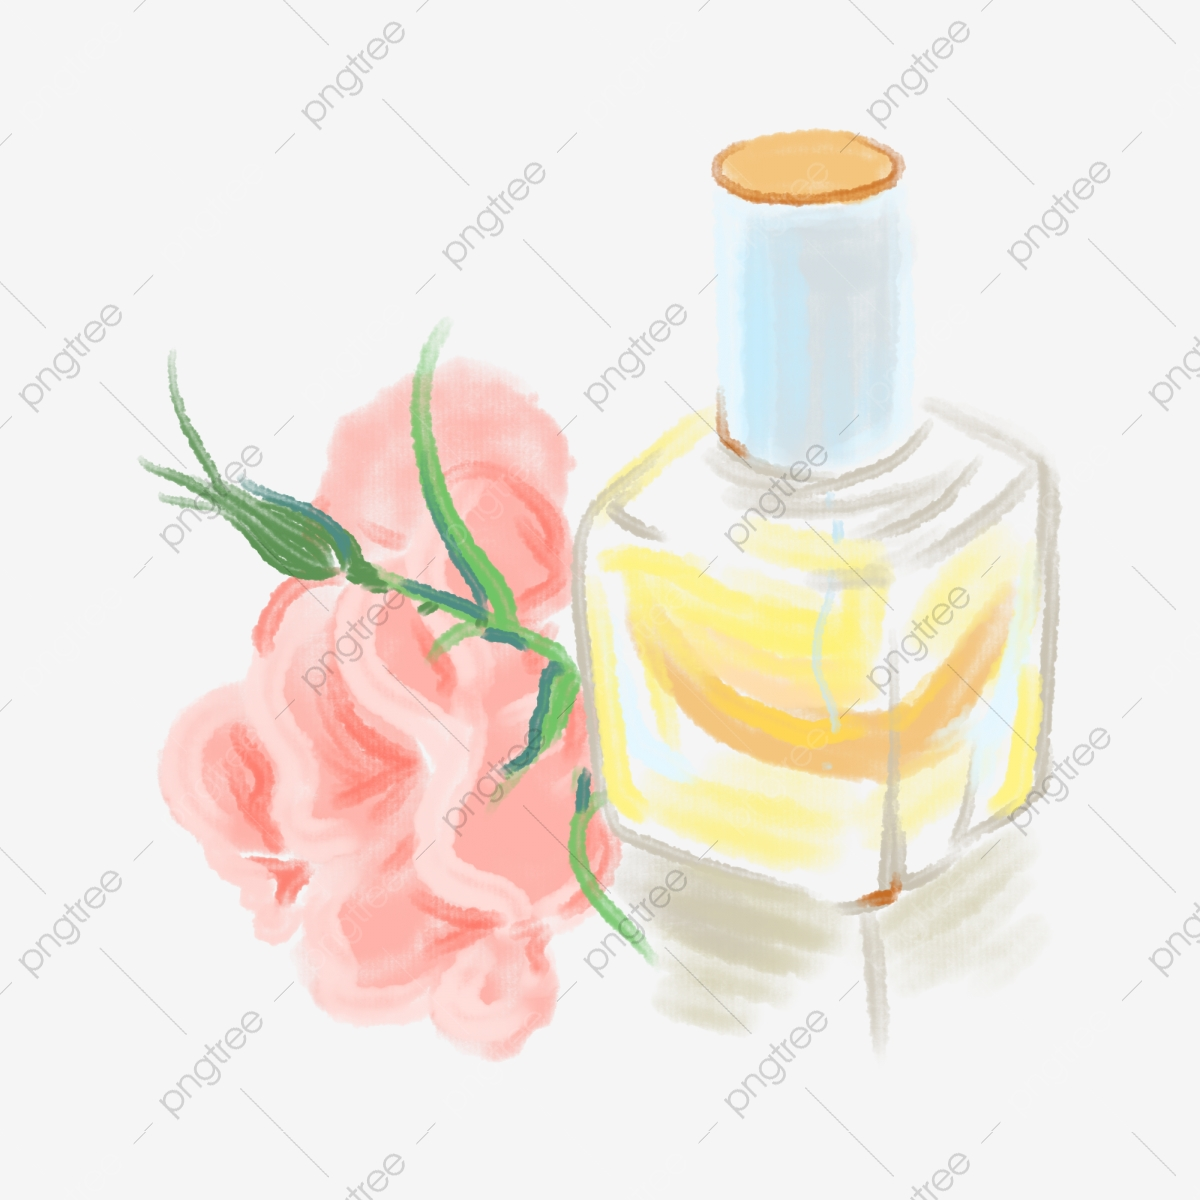 シャネル香水 シャネル 香水 化粧品の実物を画像とpsd素材ファイル